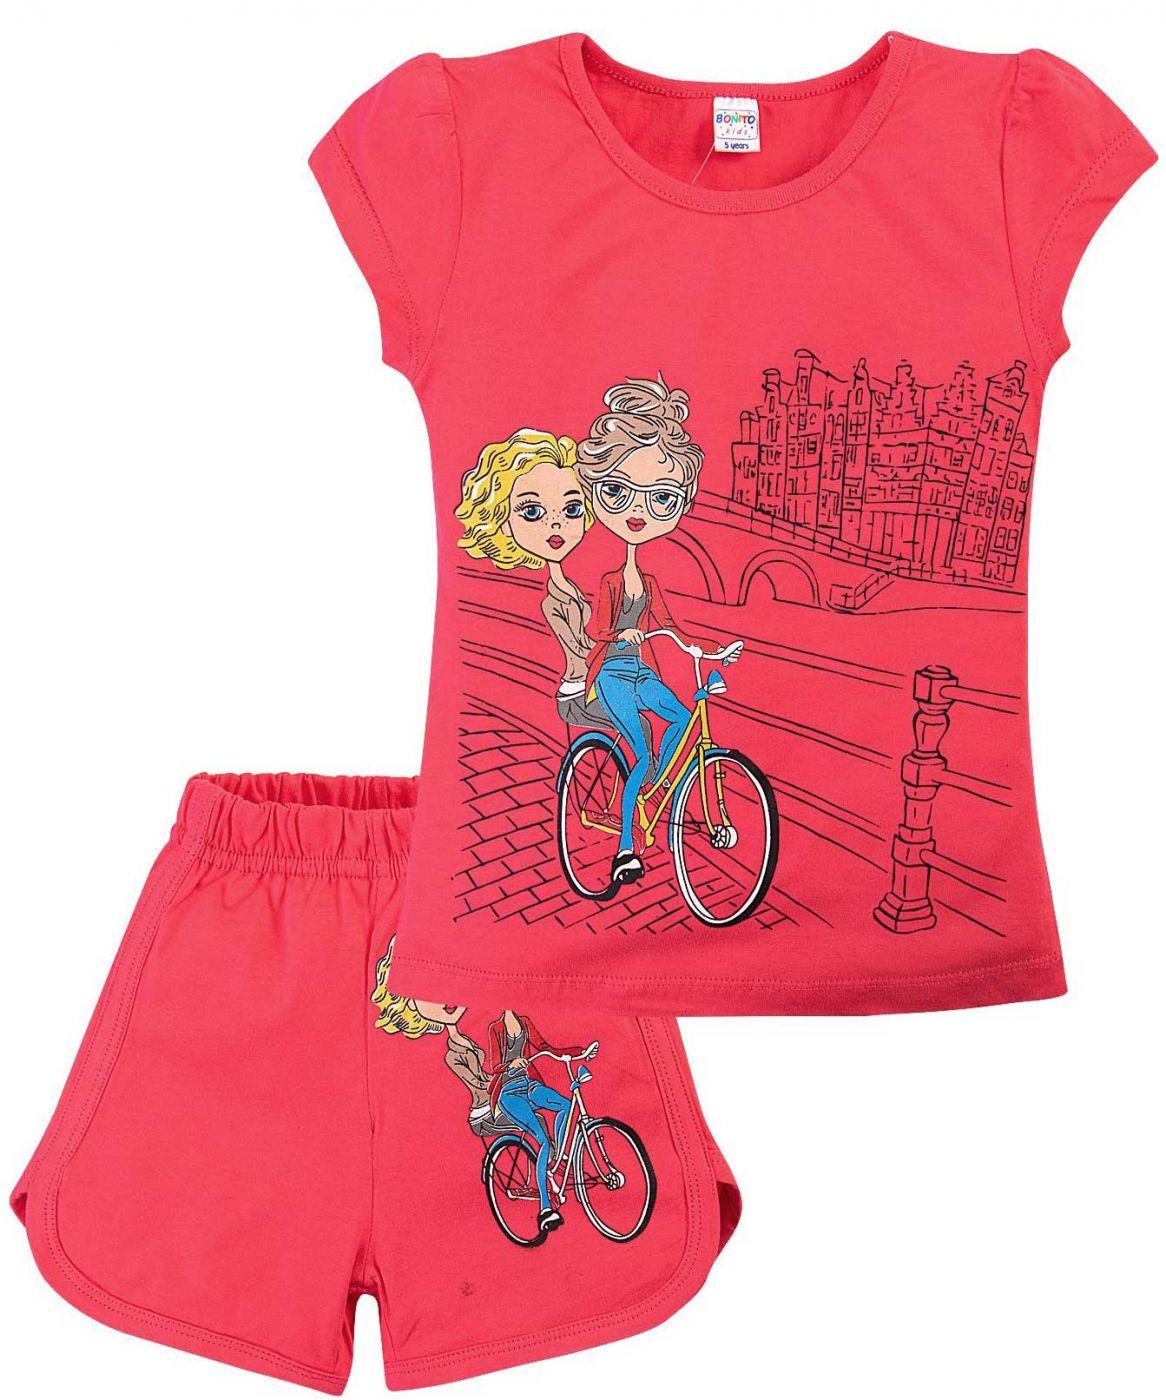 Комплект малиновый принт девочки на велосипеде